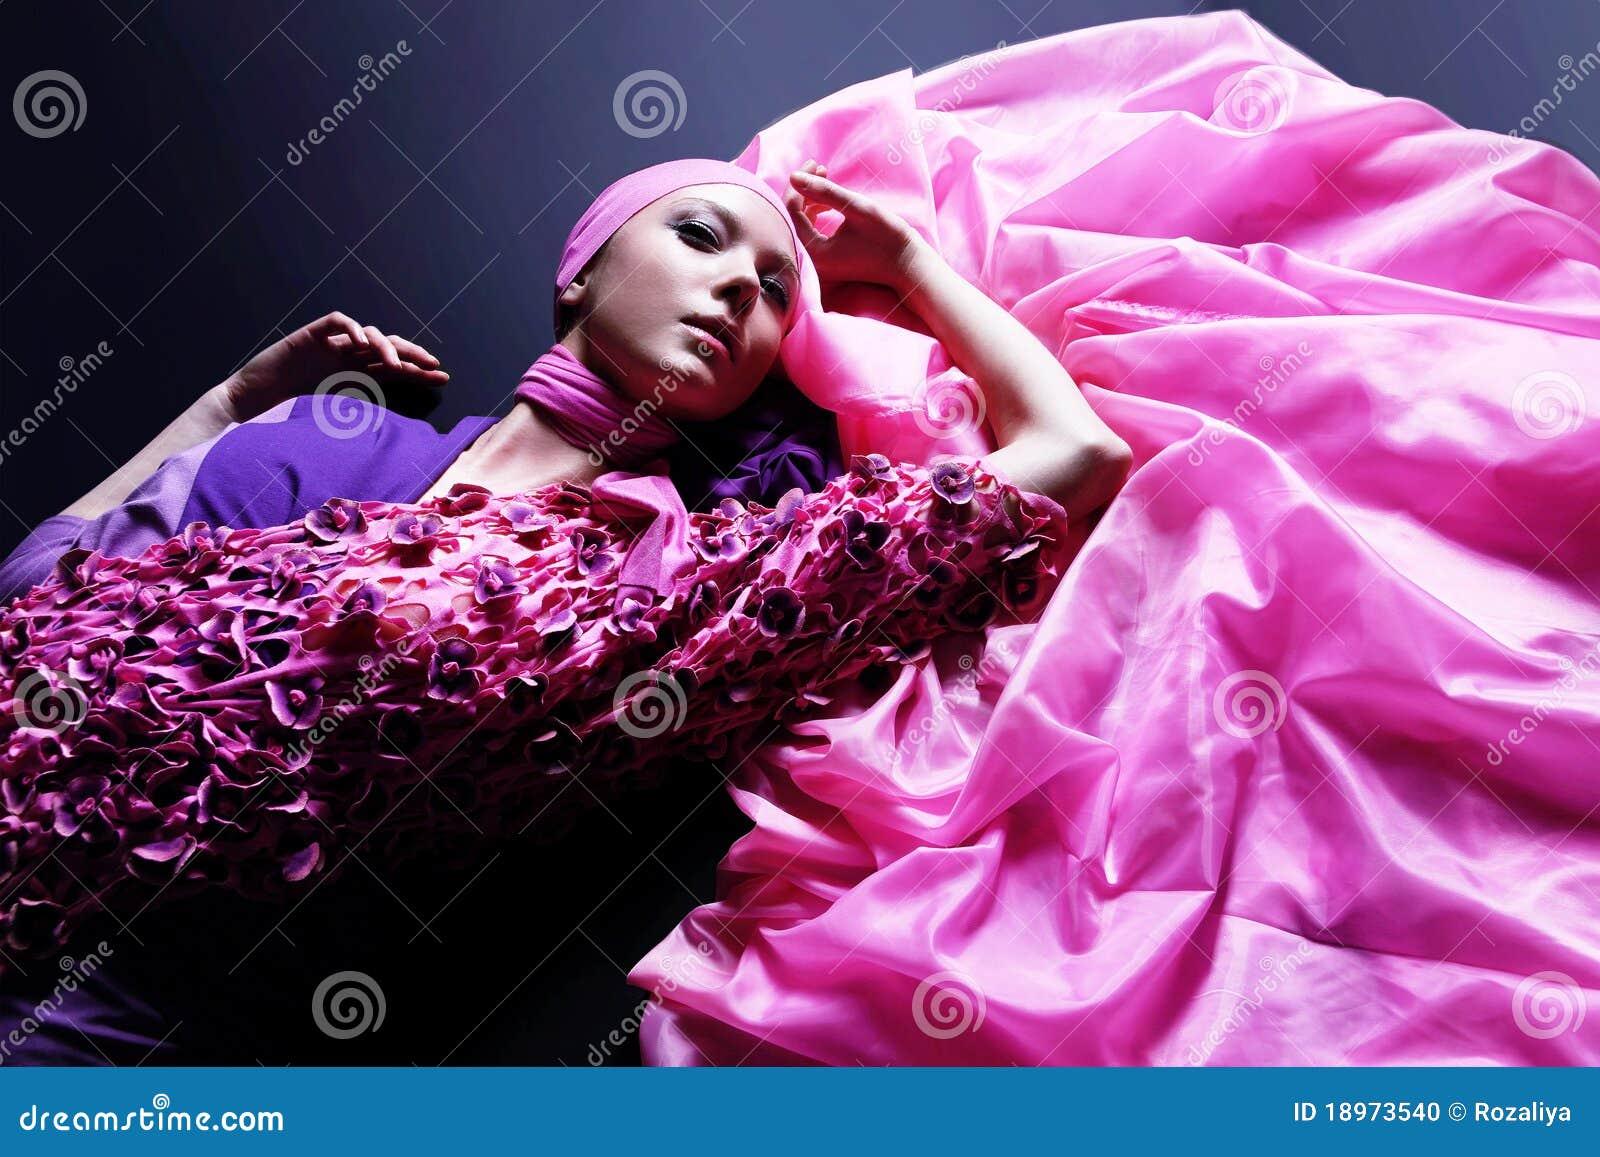 Beautiful caucasian woman in pink elegant dress